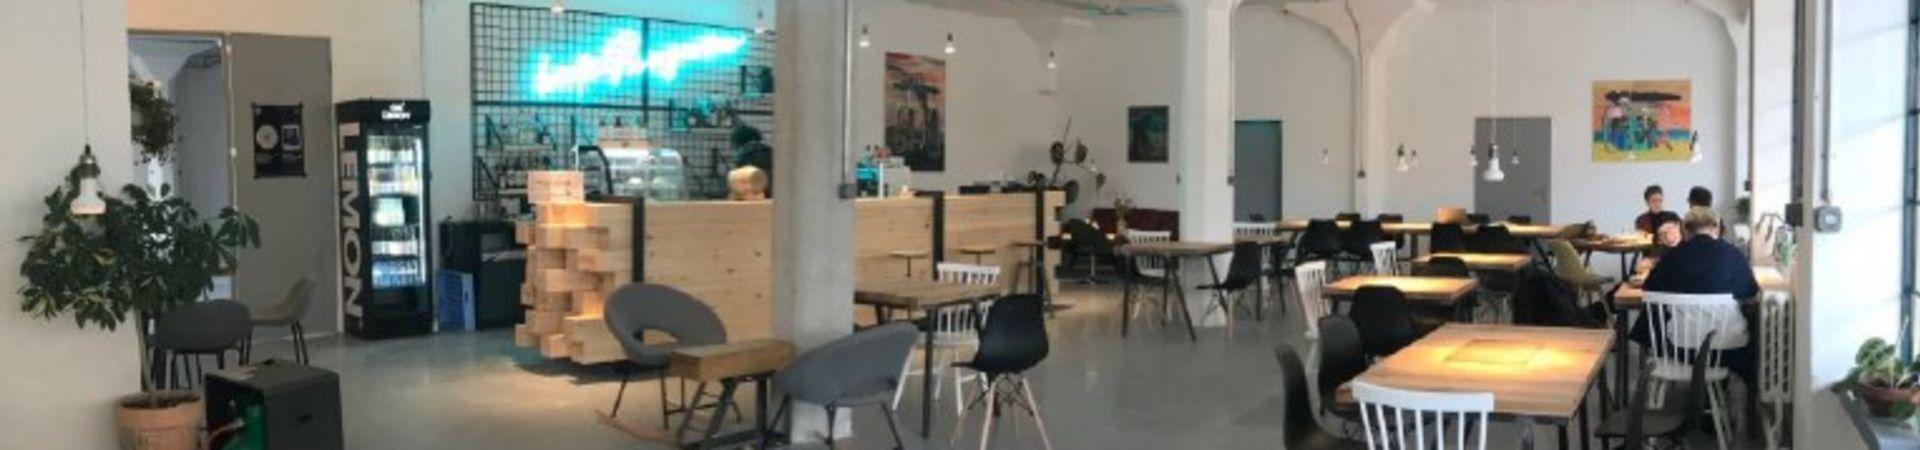 Pragovka - Kafe Pragovka